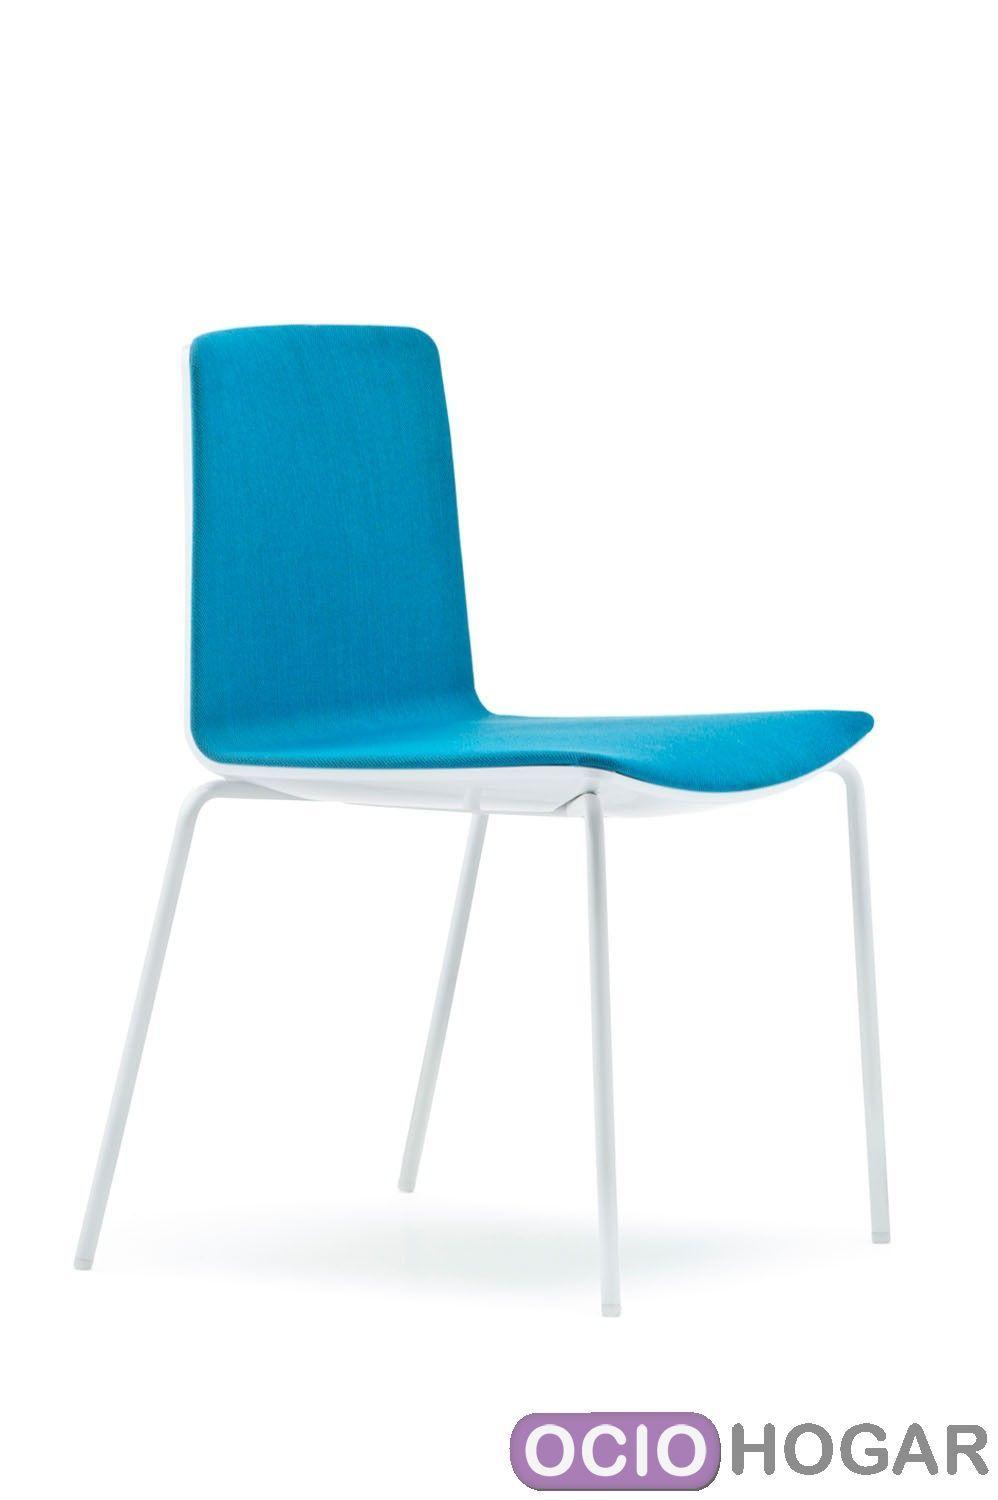 Silla de cocina noa 725 pedrali sillas de dise o en for Sillas de cocina plegables